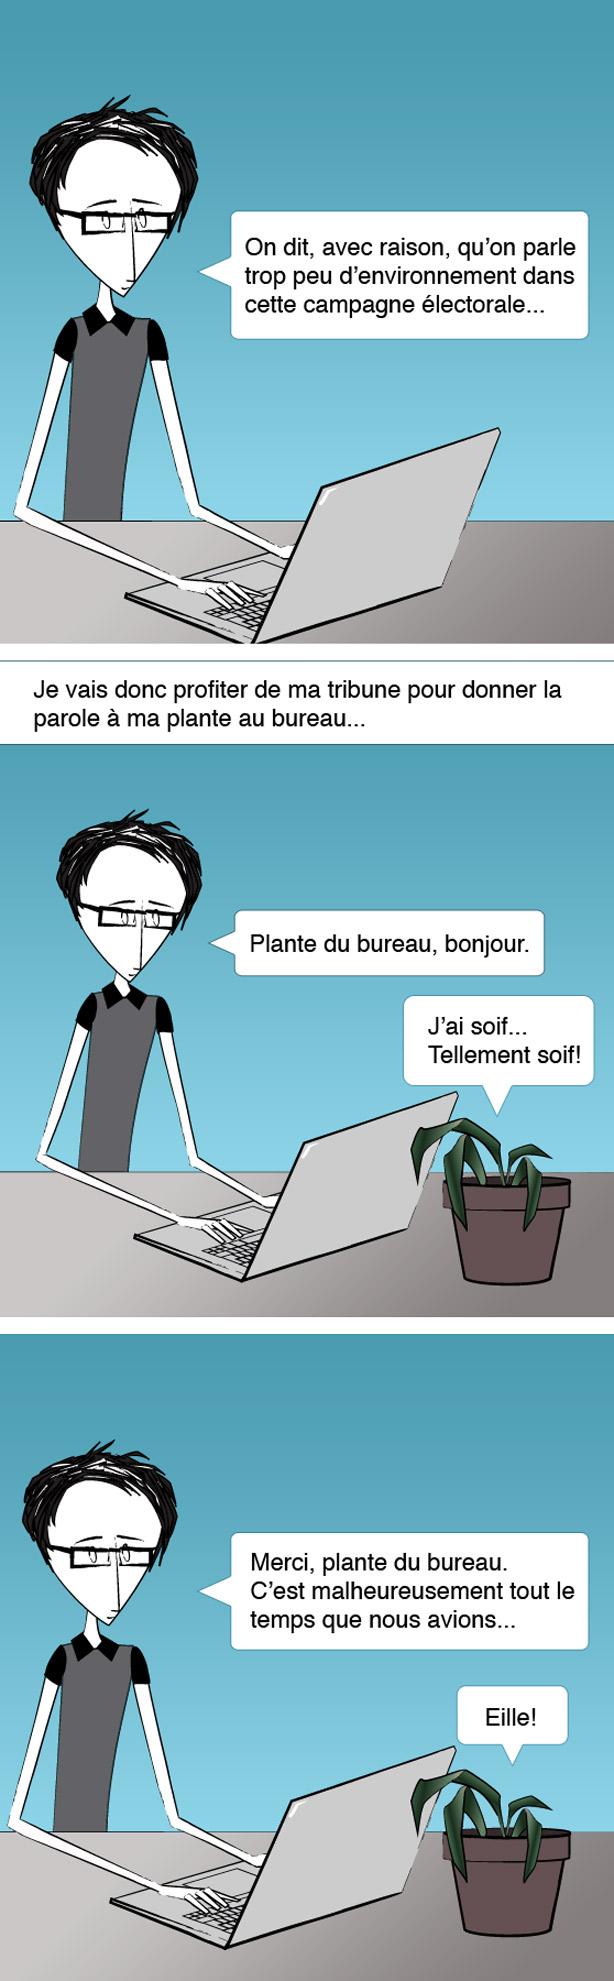 Québec 2012 – Parlons environnement